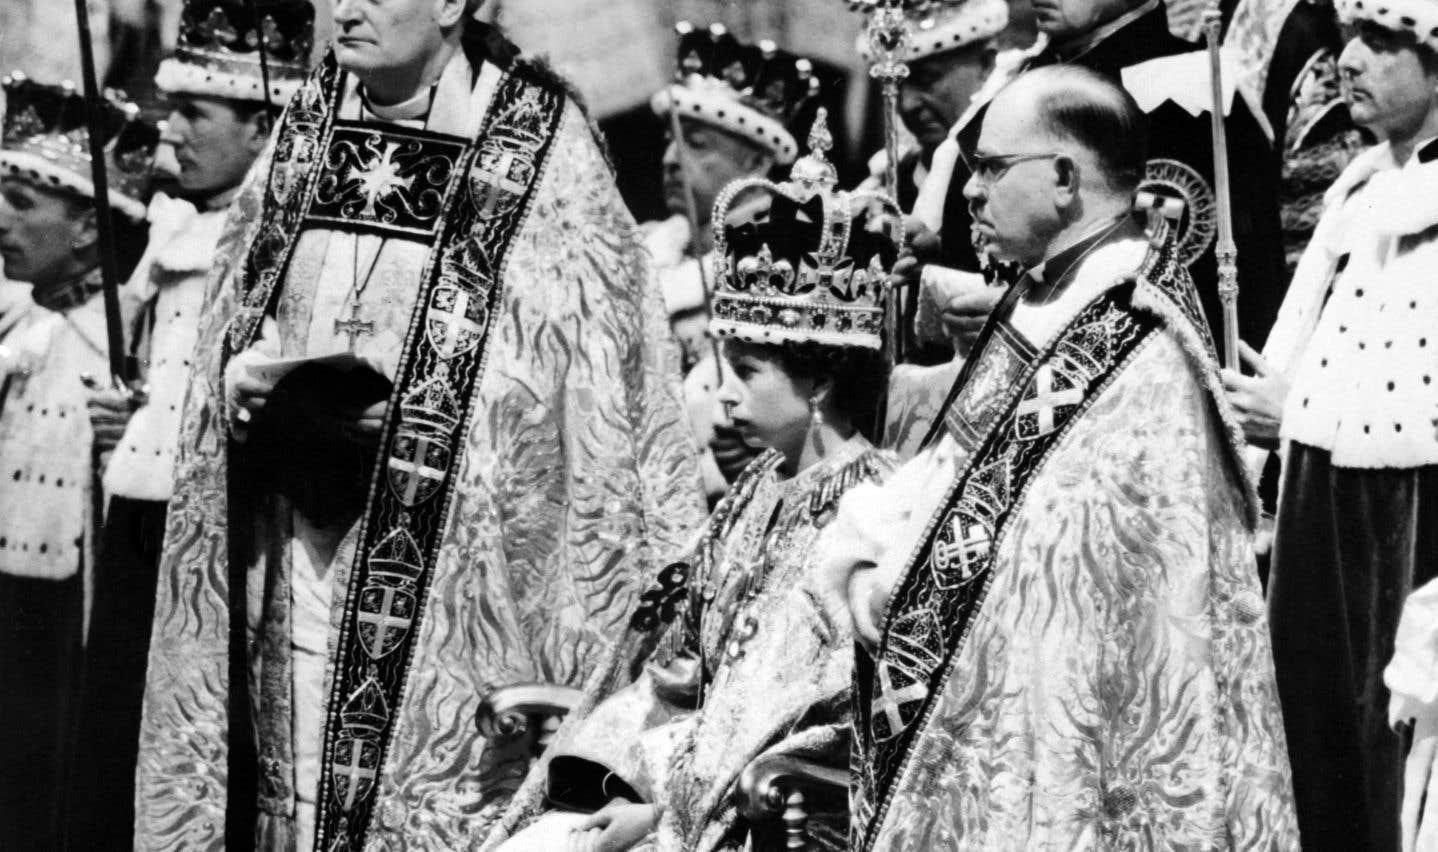 Le couronnement d'Élisabeth II s'était déroulé en direct à la télévision, pour la première fois dans l'histoire du Royaume-Uni, le 2 juillet 1953.